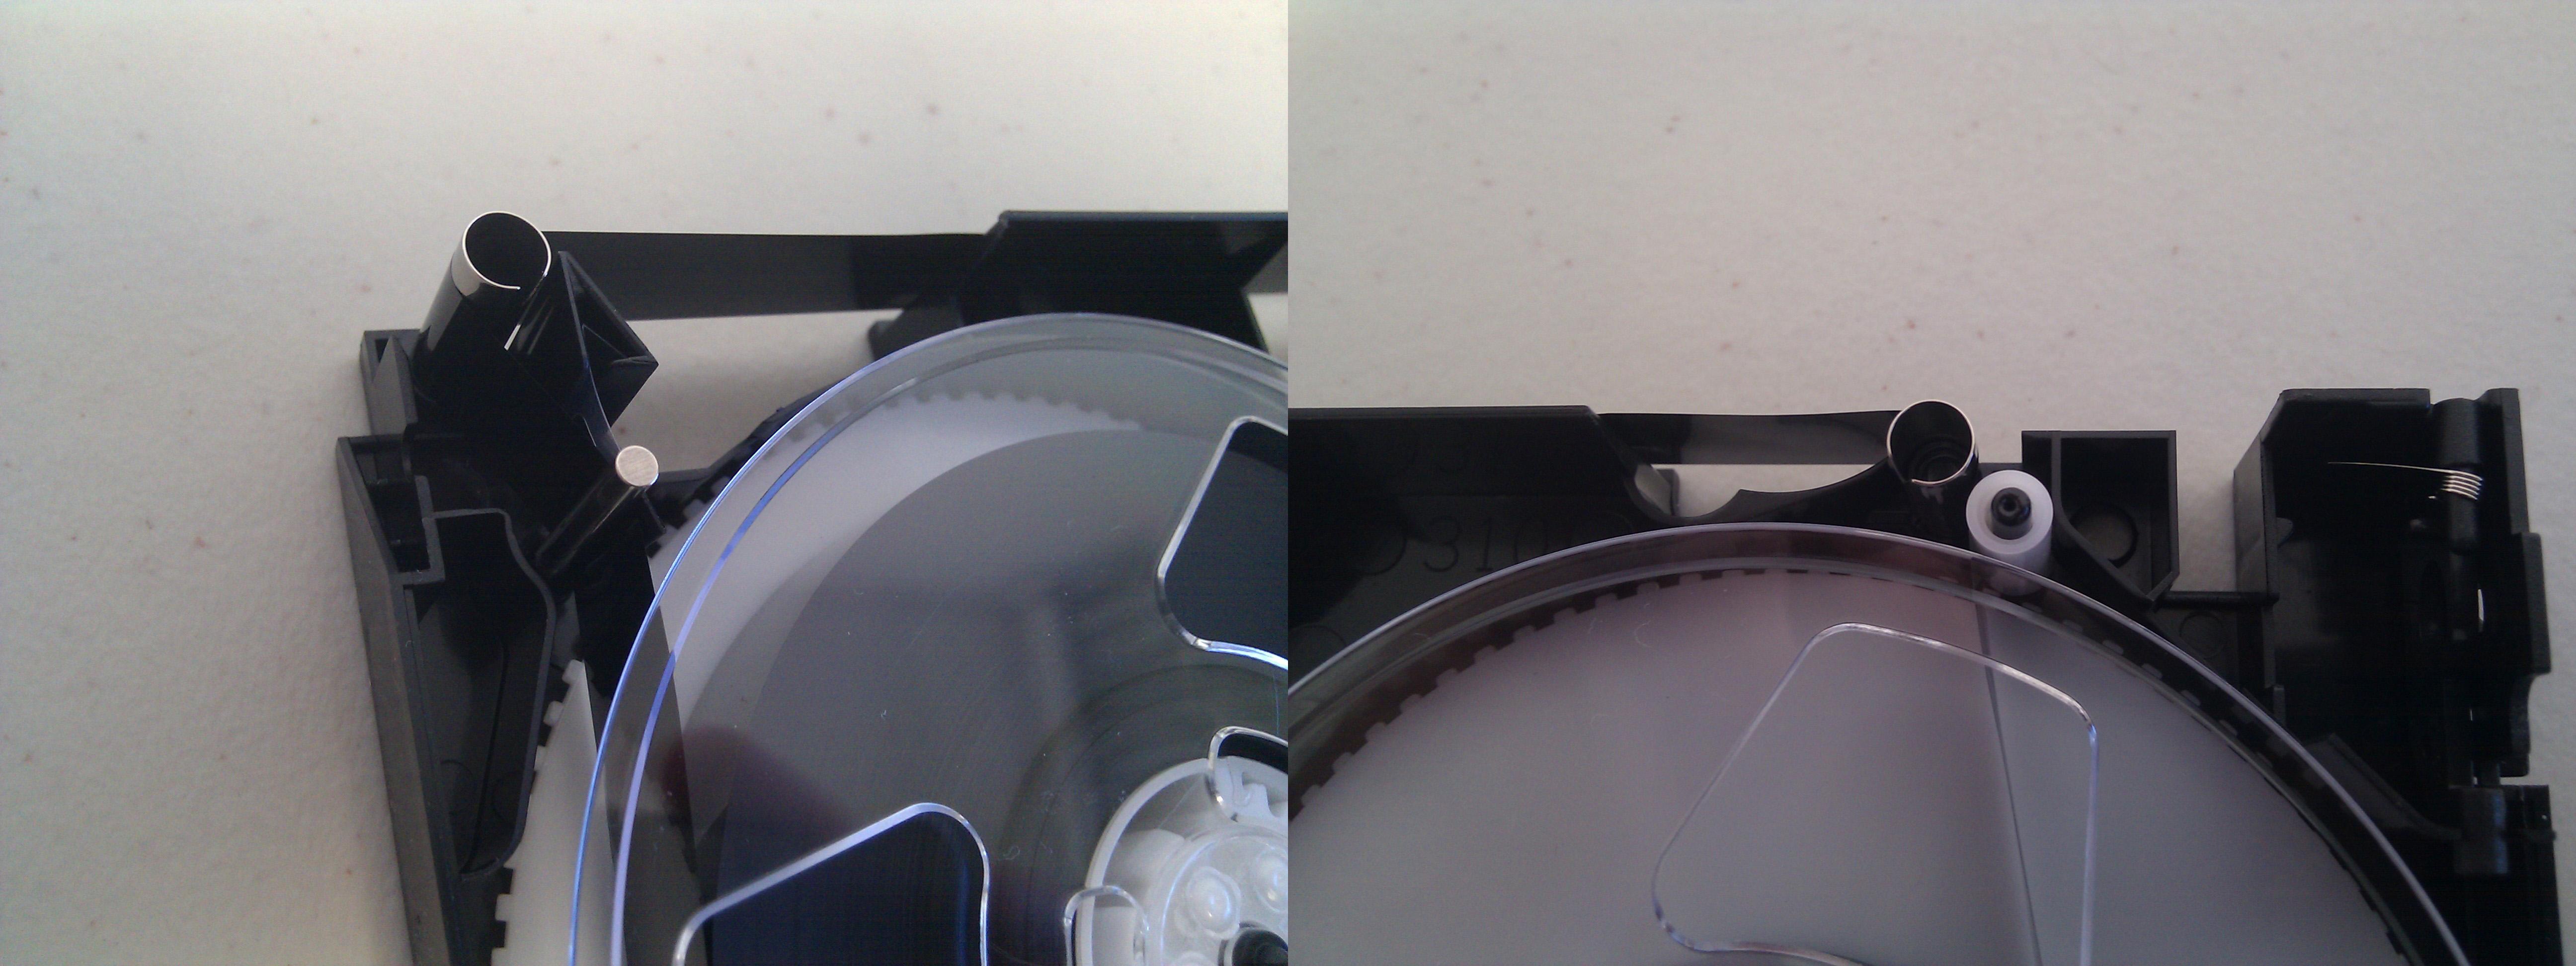 Vhs tape repair